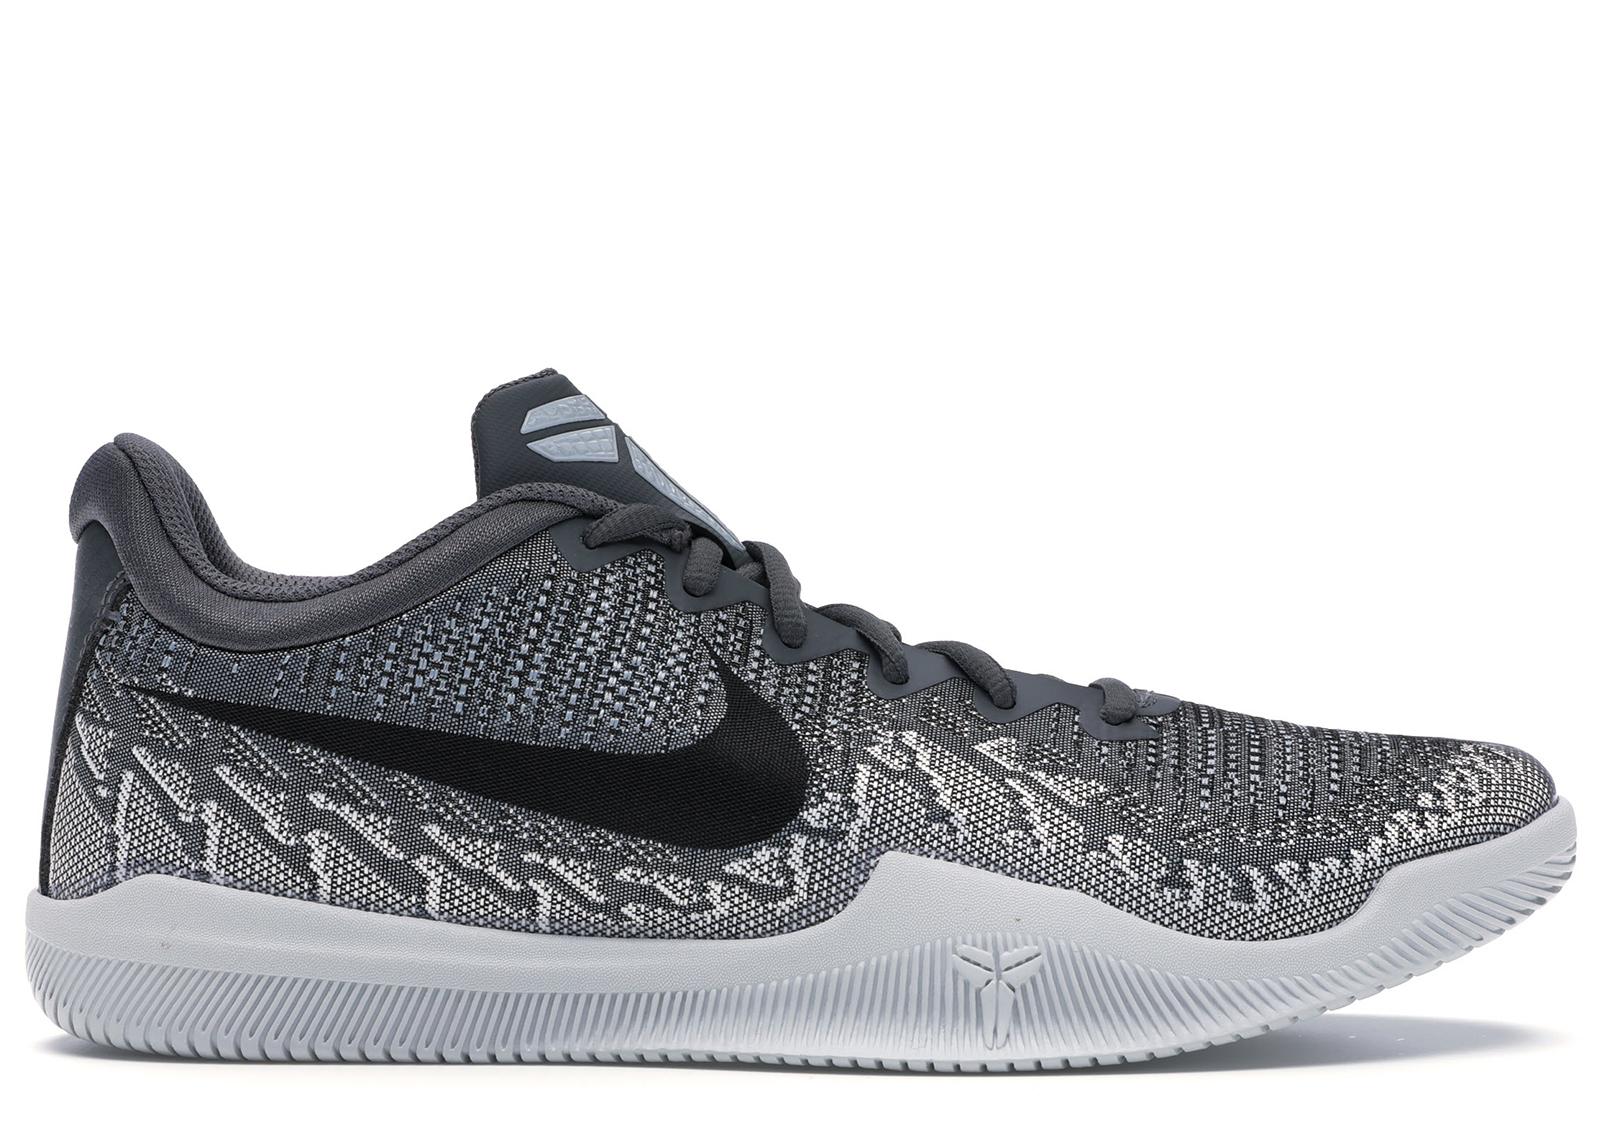 Nike Mamba Rage Dark Grey Pure Platinum